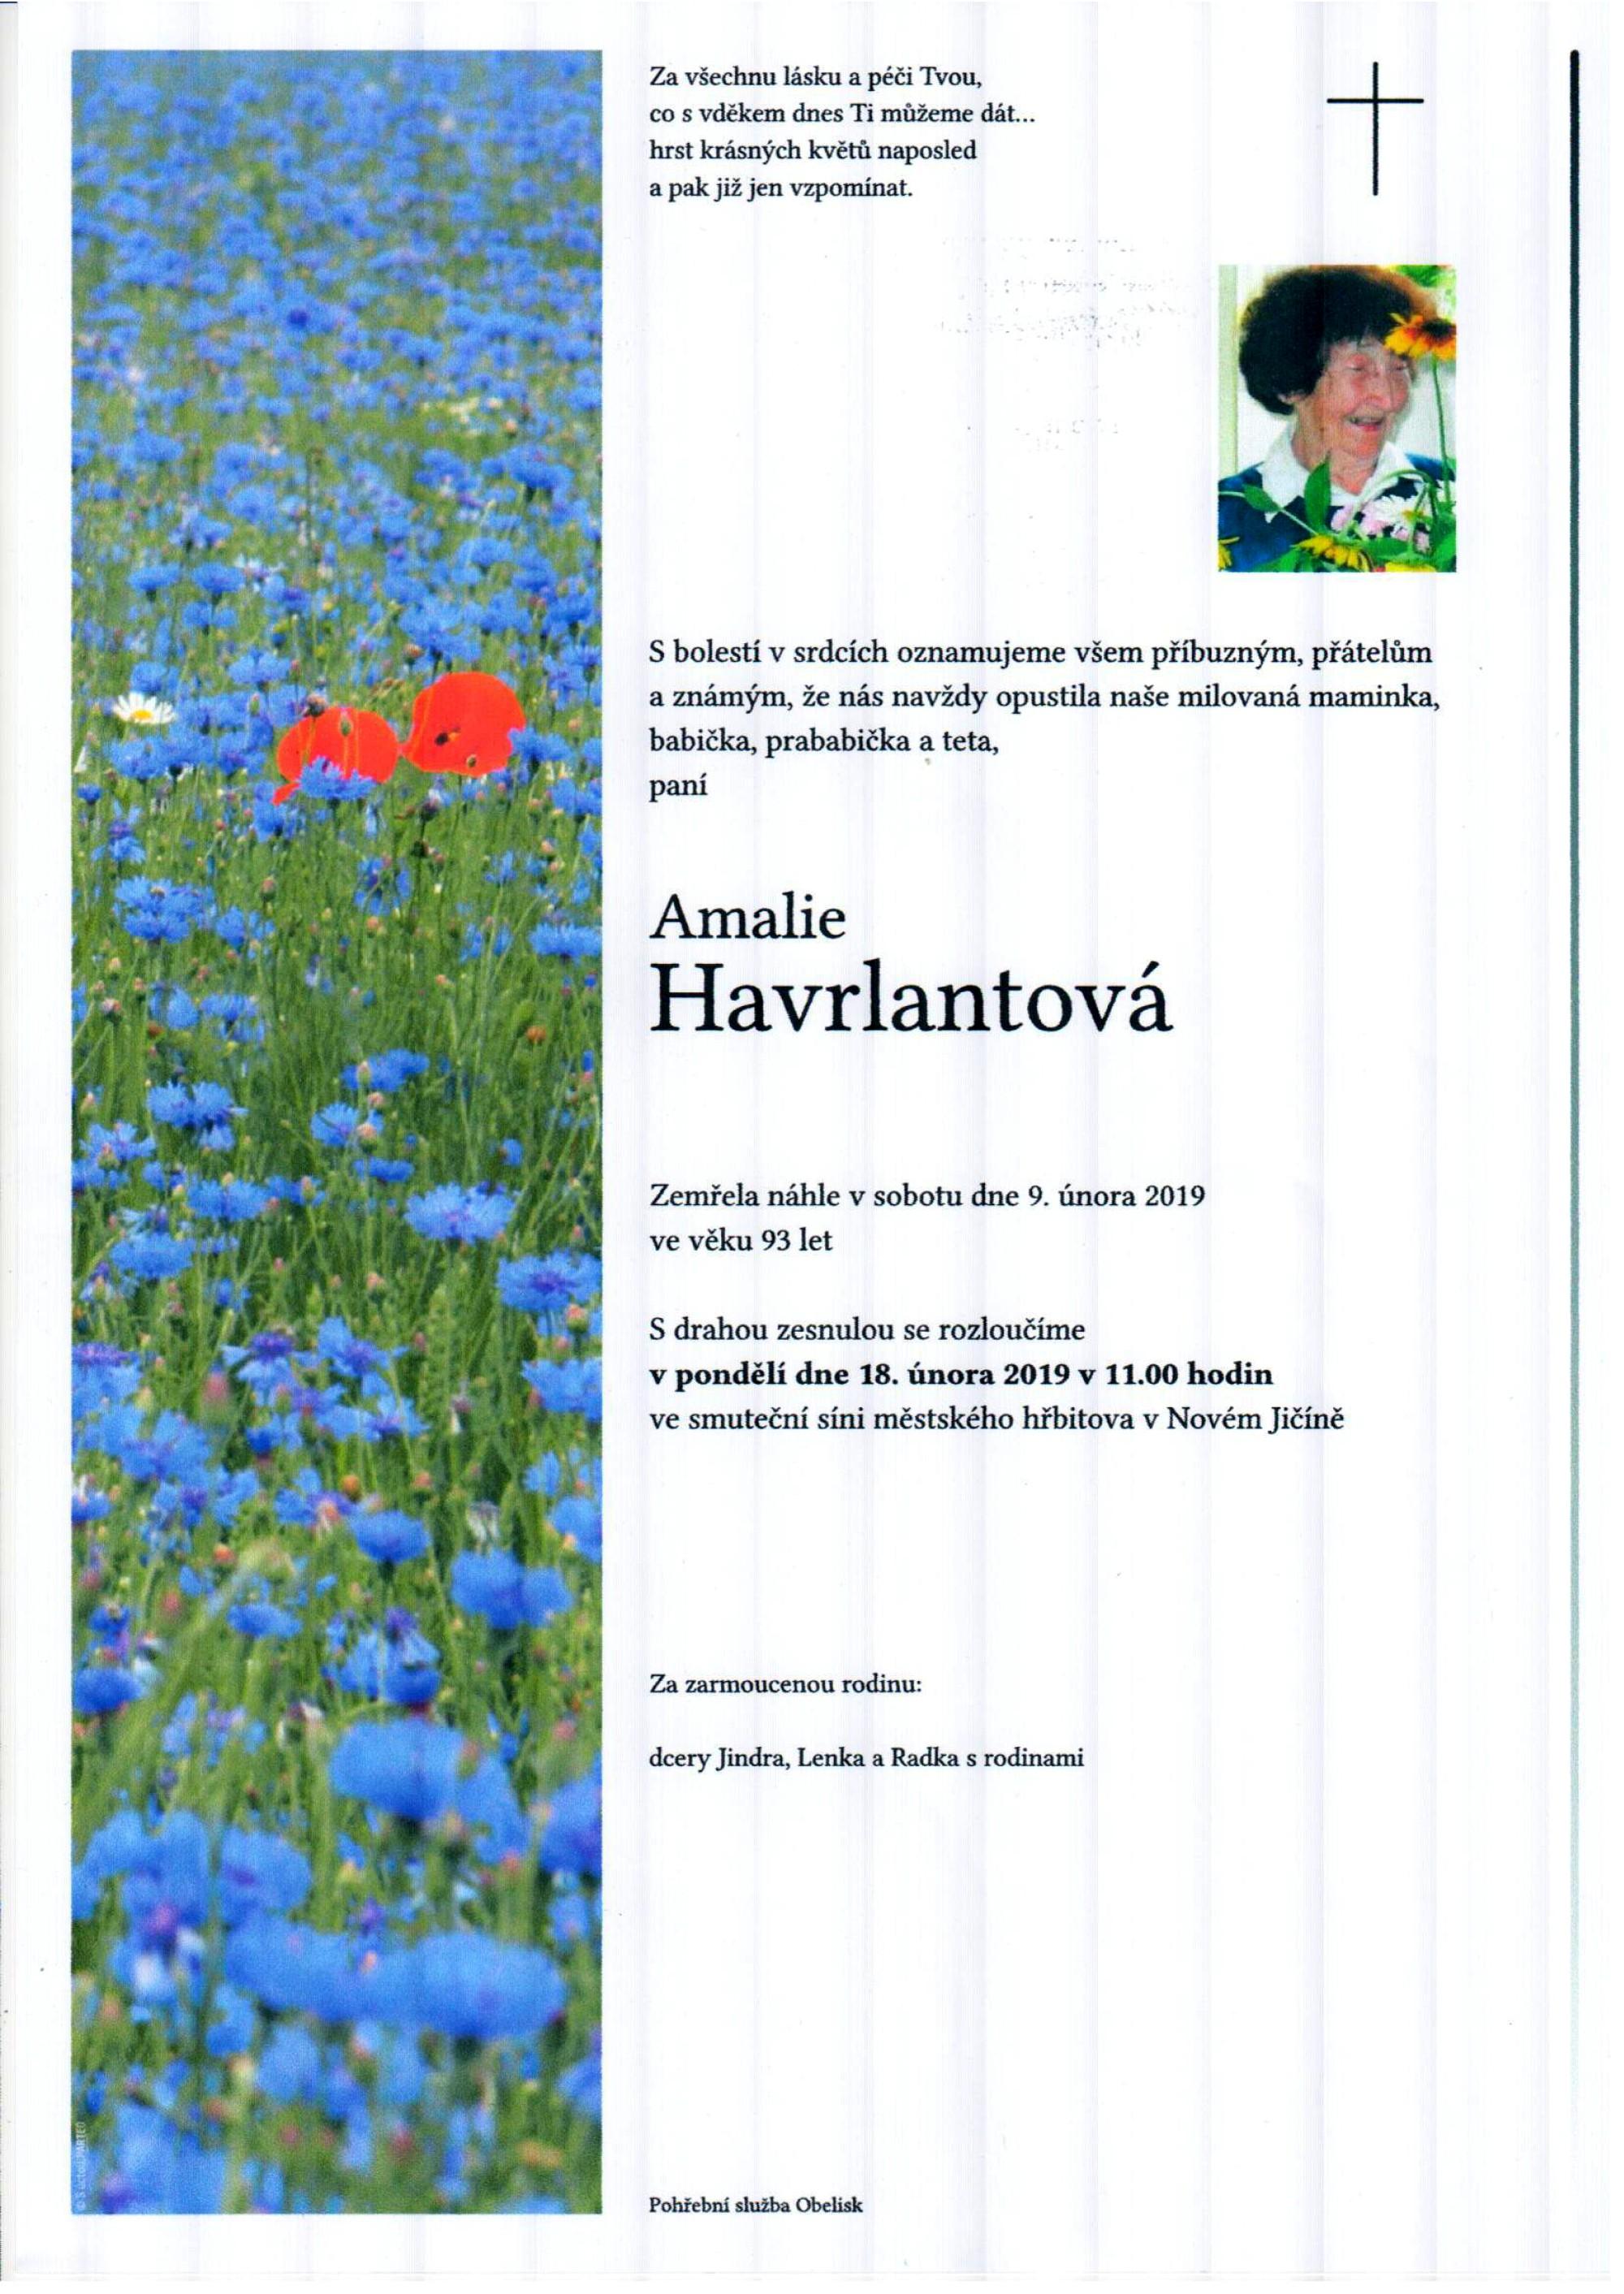 Amalie Havrlantová